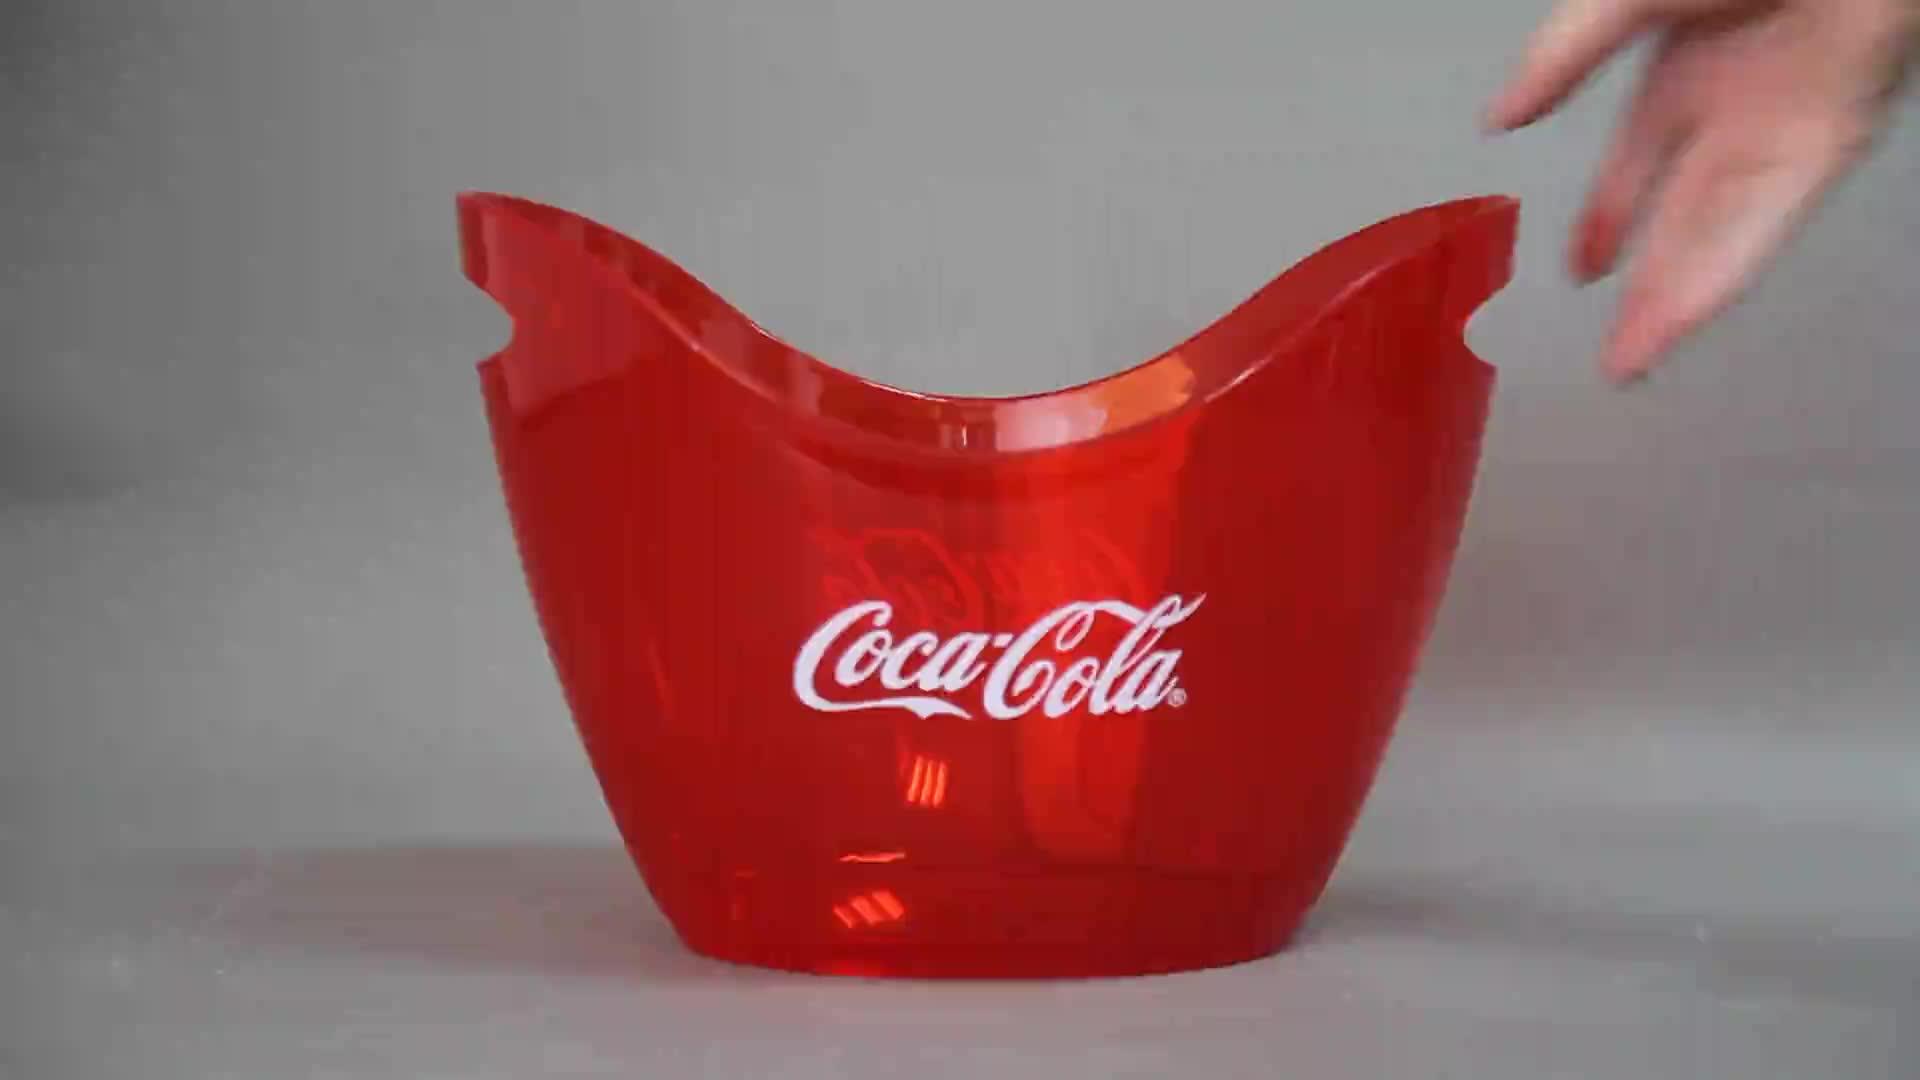 플라스틱 아크릴 또는 PS 얼음 양동이/더블 또는 싱글 레이어 얼음 양동이